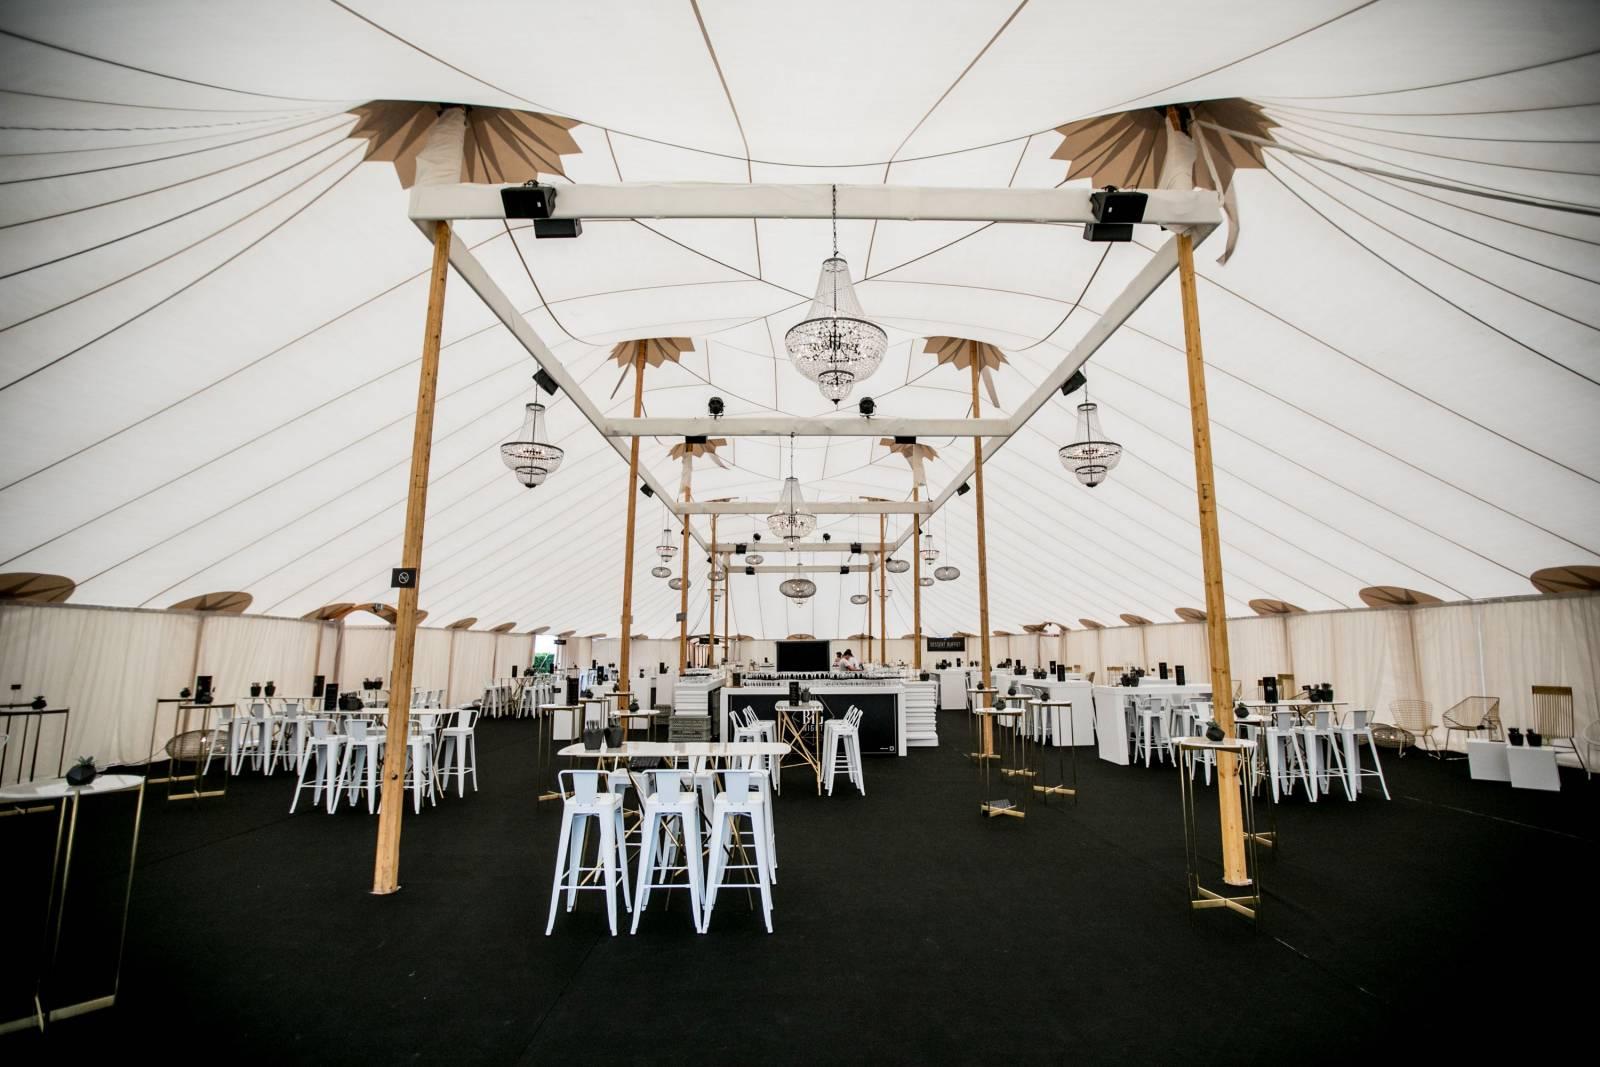 Organic-Concepts - Tenten - Feesttenten - Verhuur Tenten - Silhouette tent - House of Events - 11